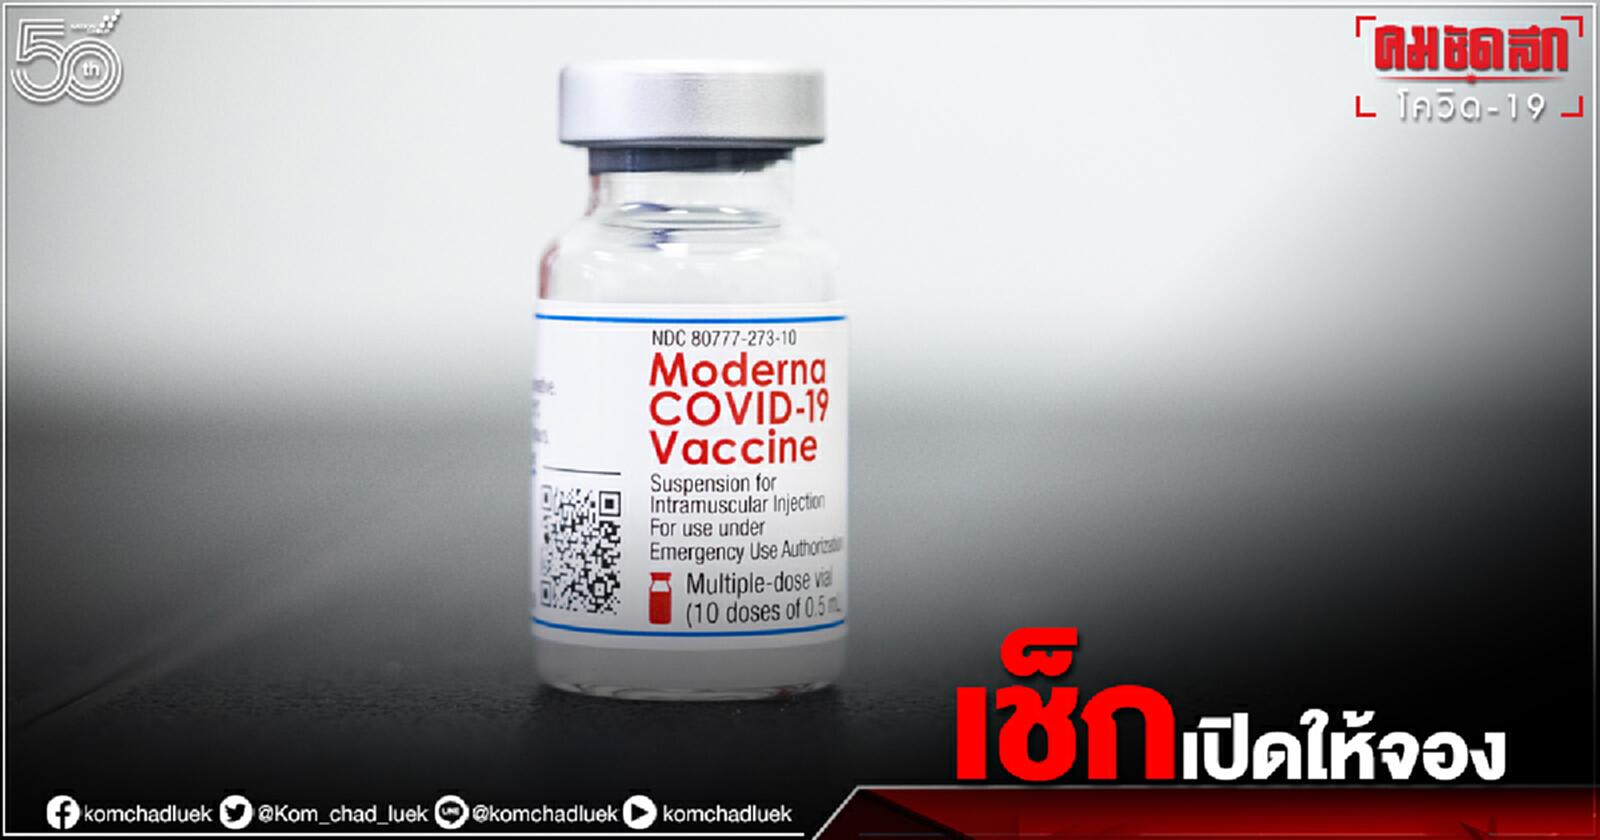 """""""จองฉีดวัคซีน Moderna"""" ล่าสุด คืนเงิน ทางเลือก โมเดอร์นา ซิโนฟาร์ม ไฟเซอร์"""